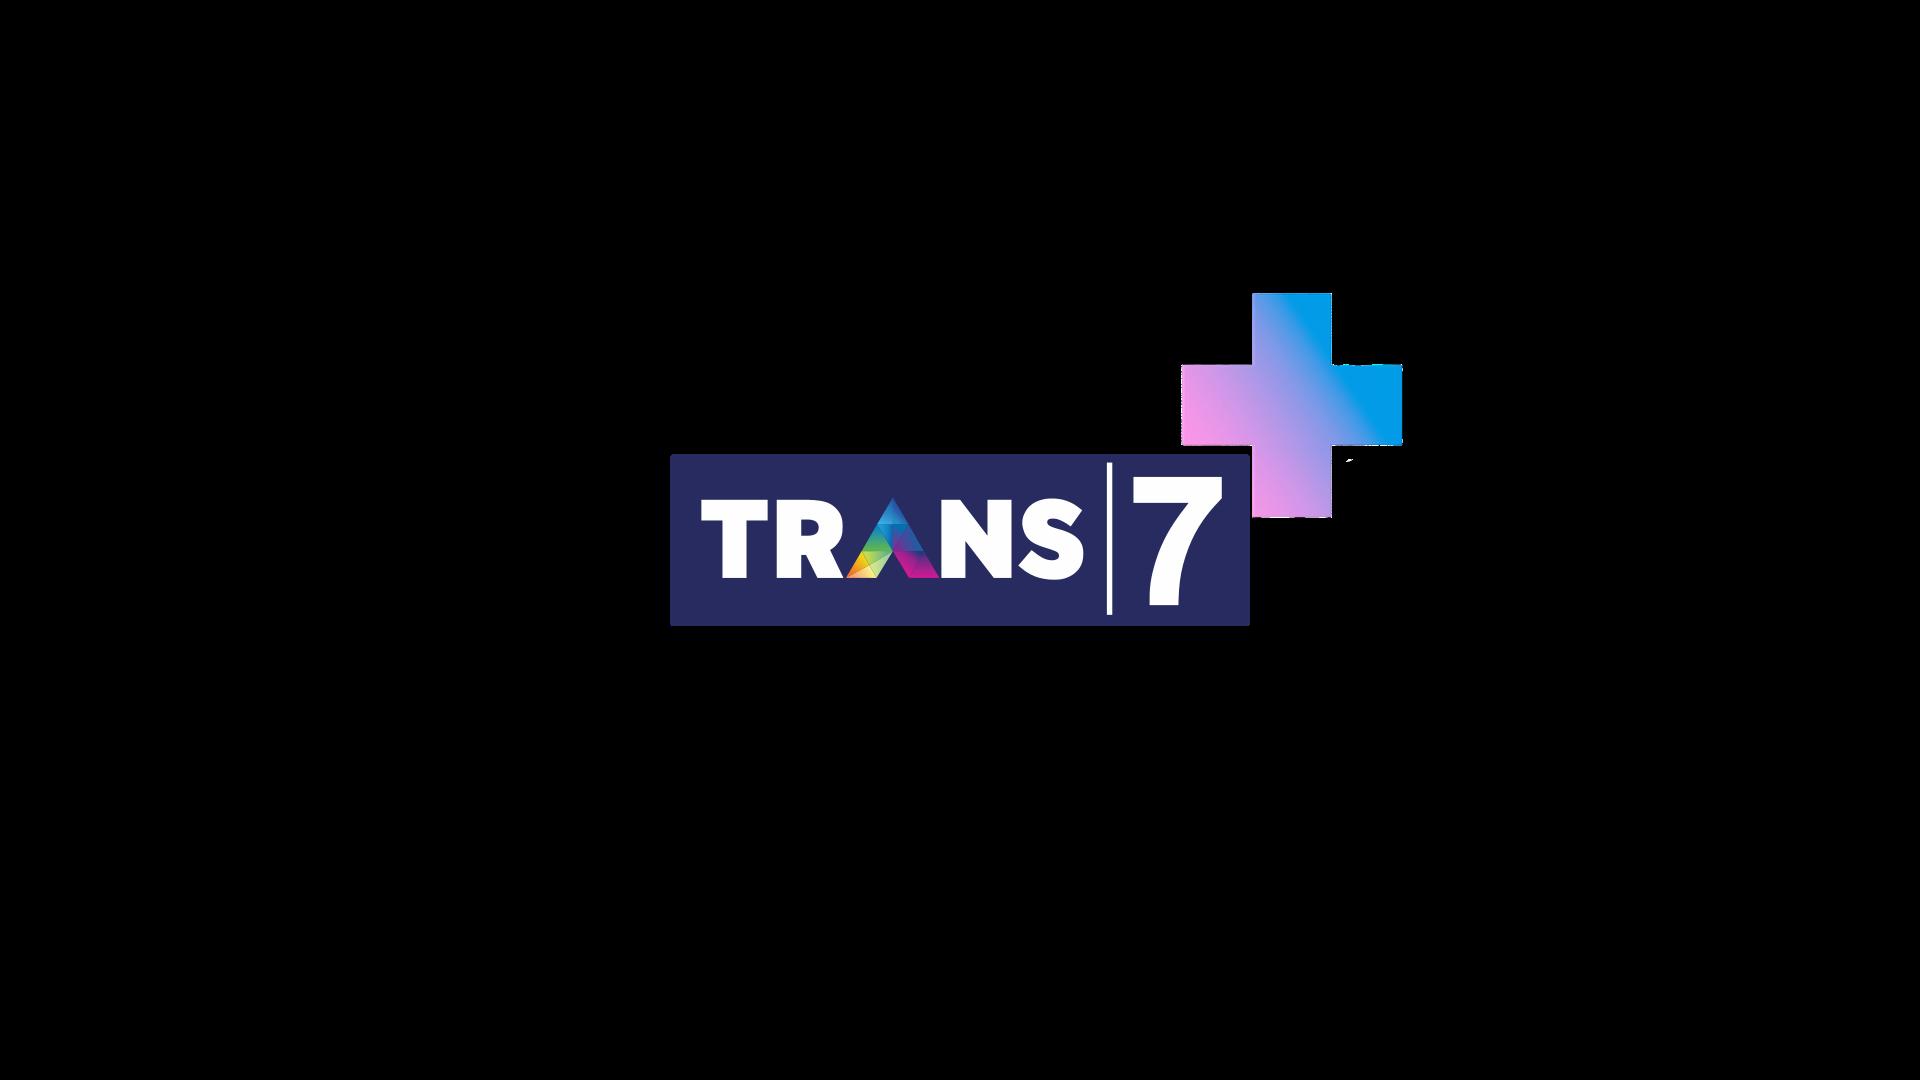 Trans 7 plus